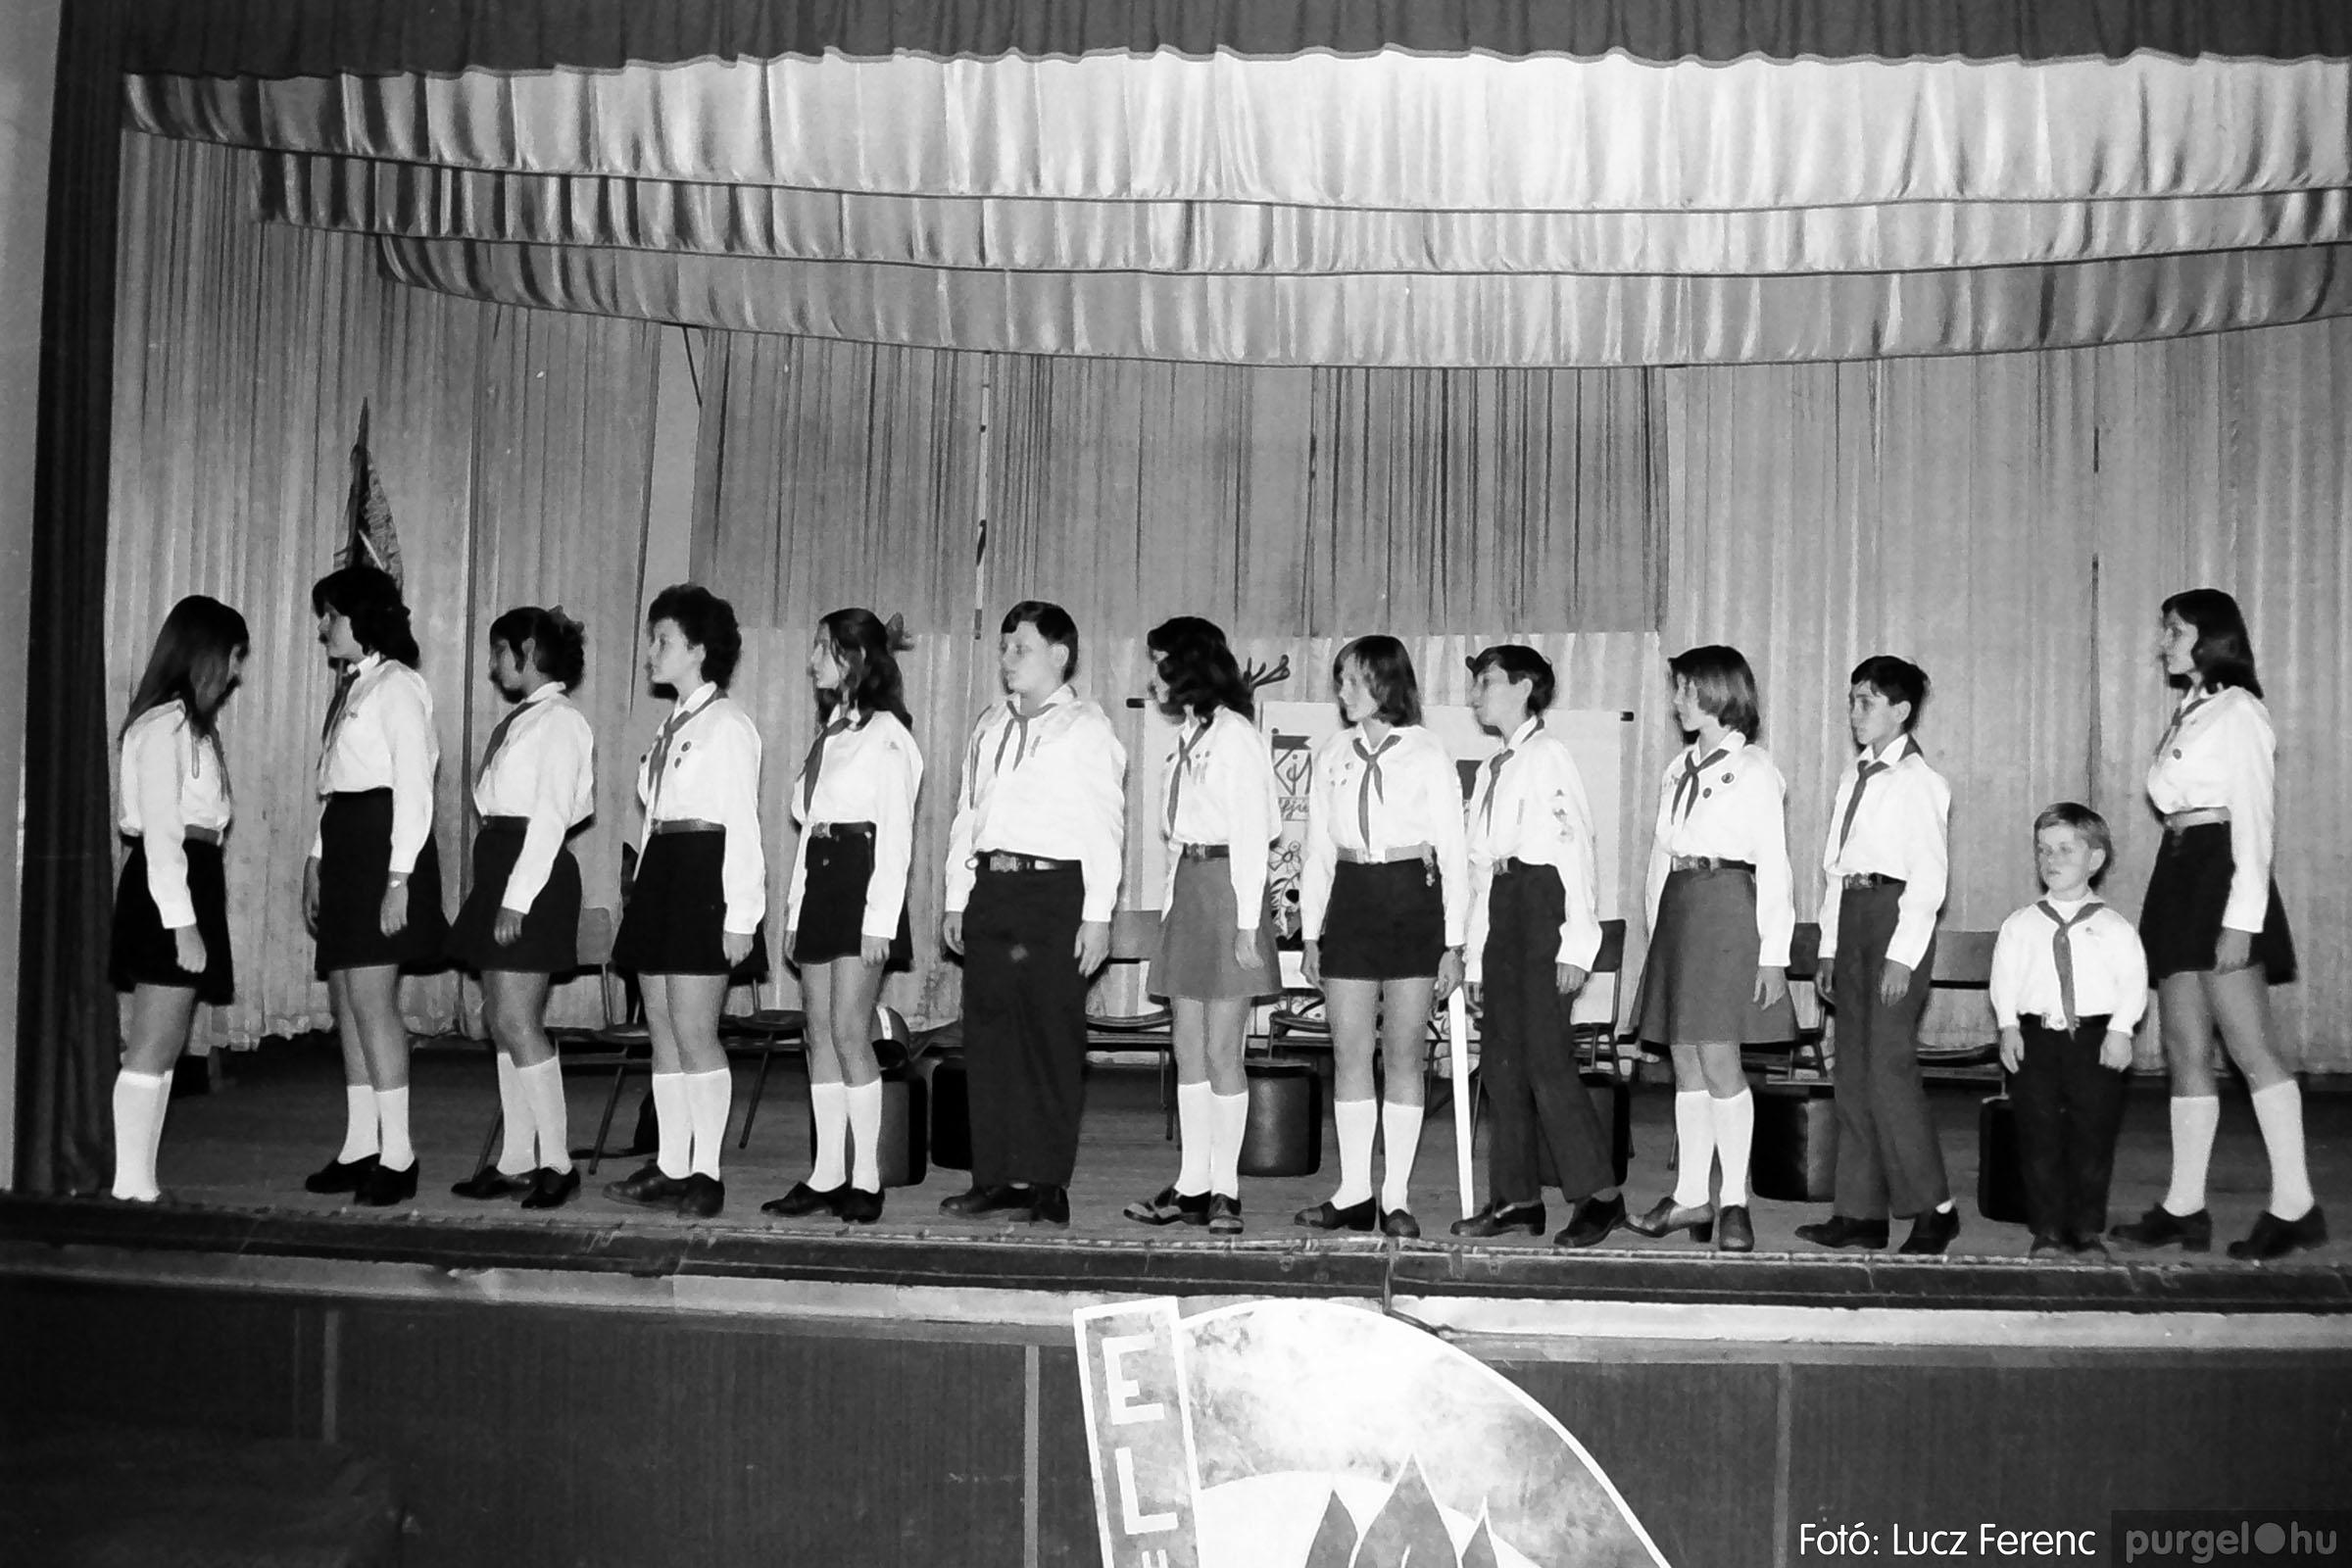 036-037. 1976. Diákprogram a kultúrházban 018 - Fotó: Lucz Ferenc.jpg